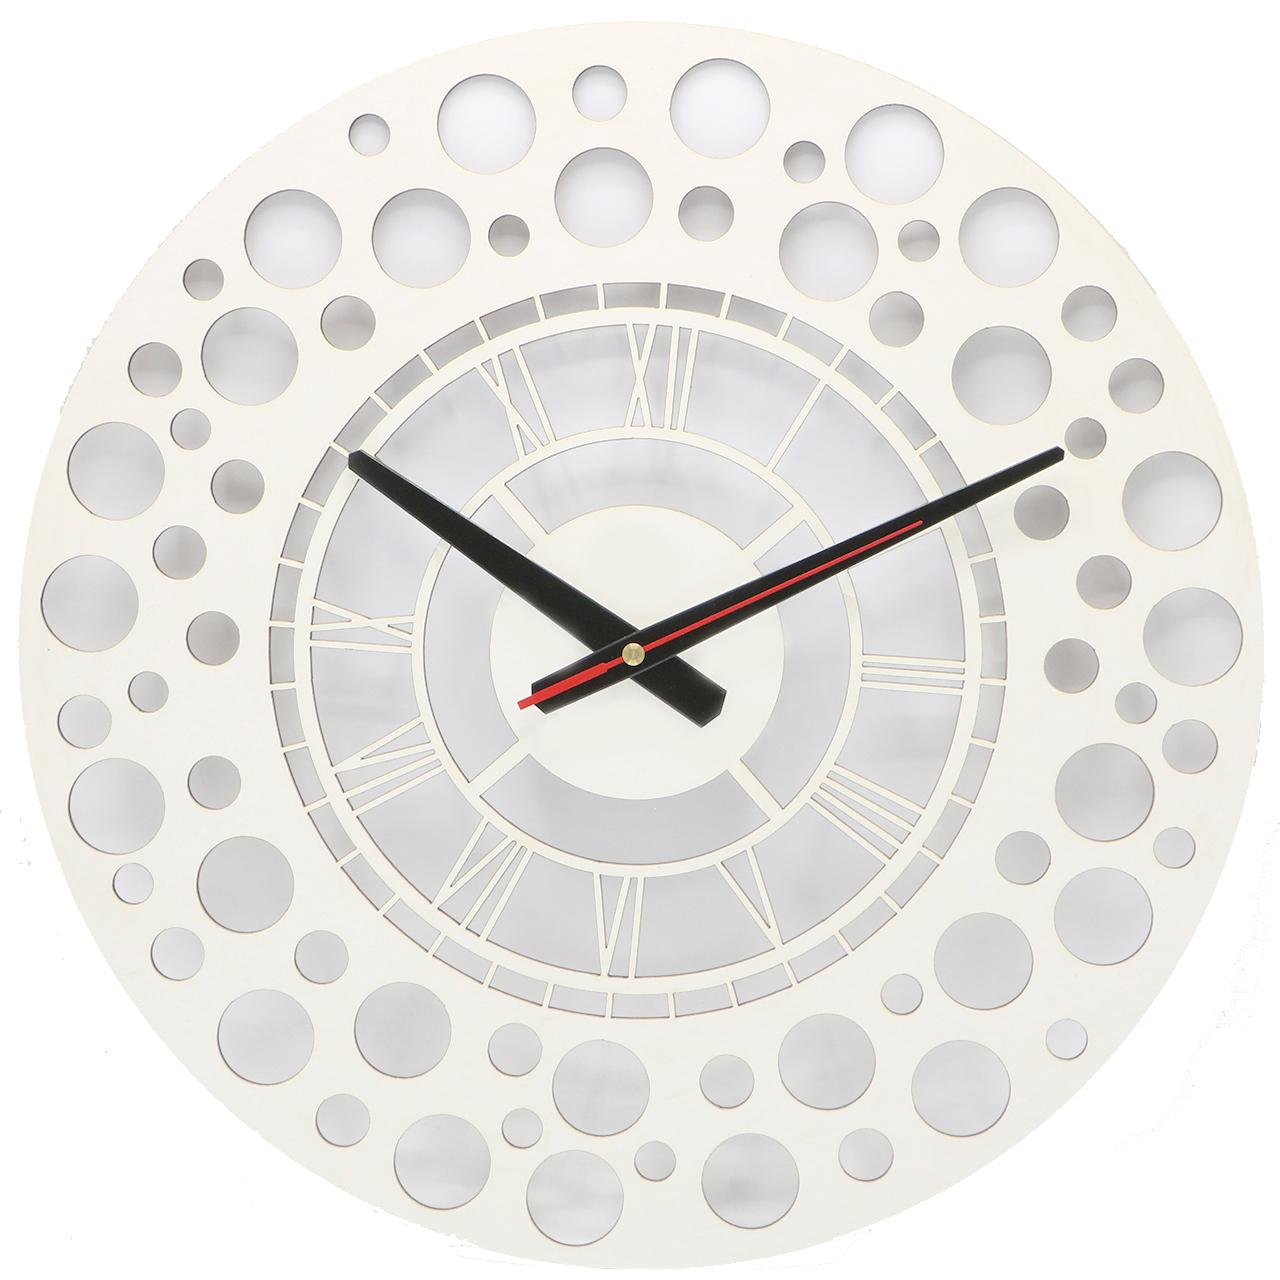 ساعت دیواری رویال ماروتی مدل RM-7012